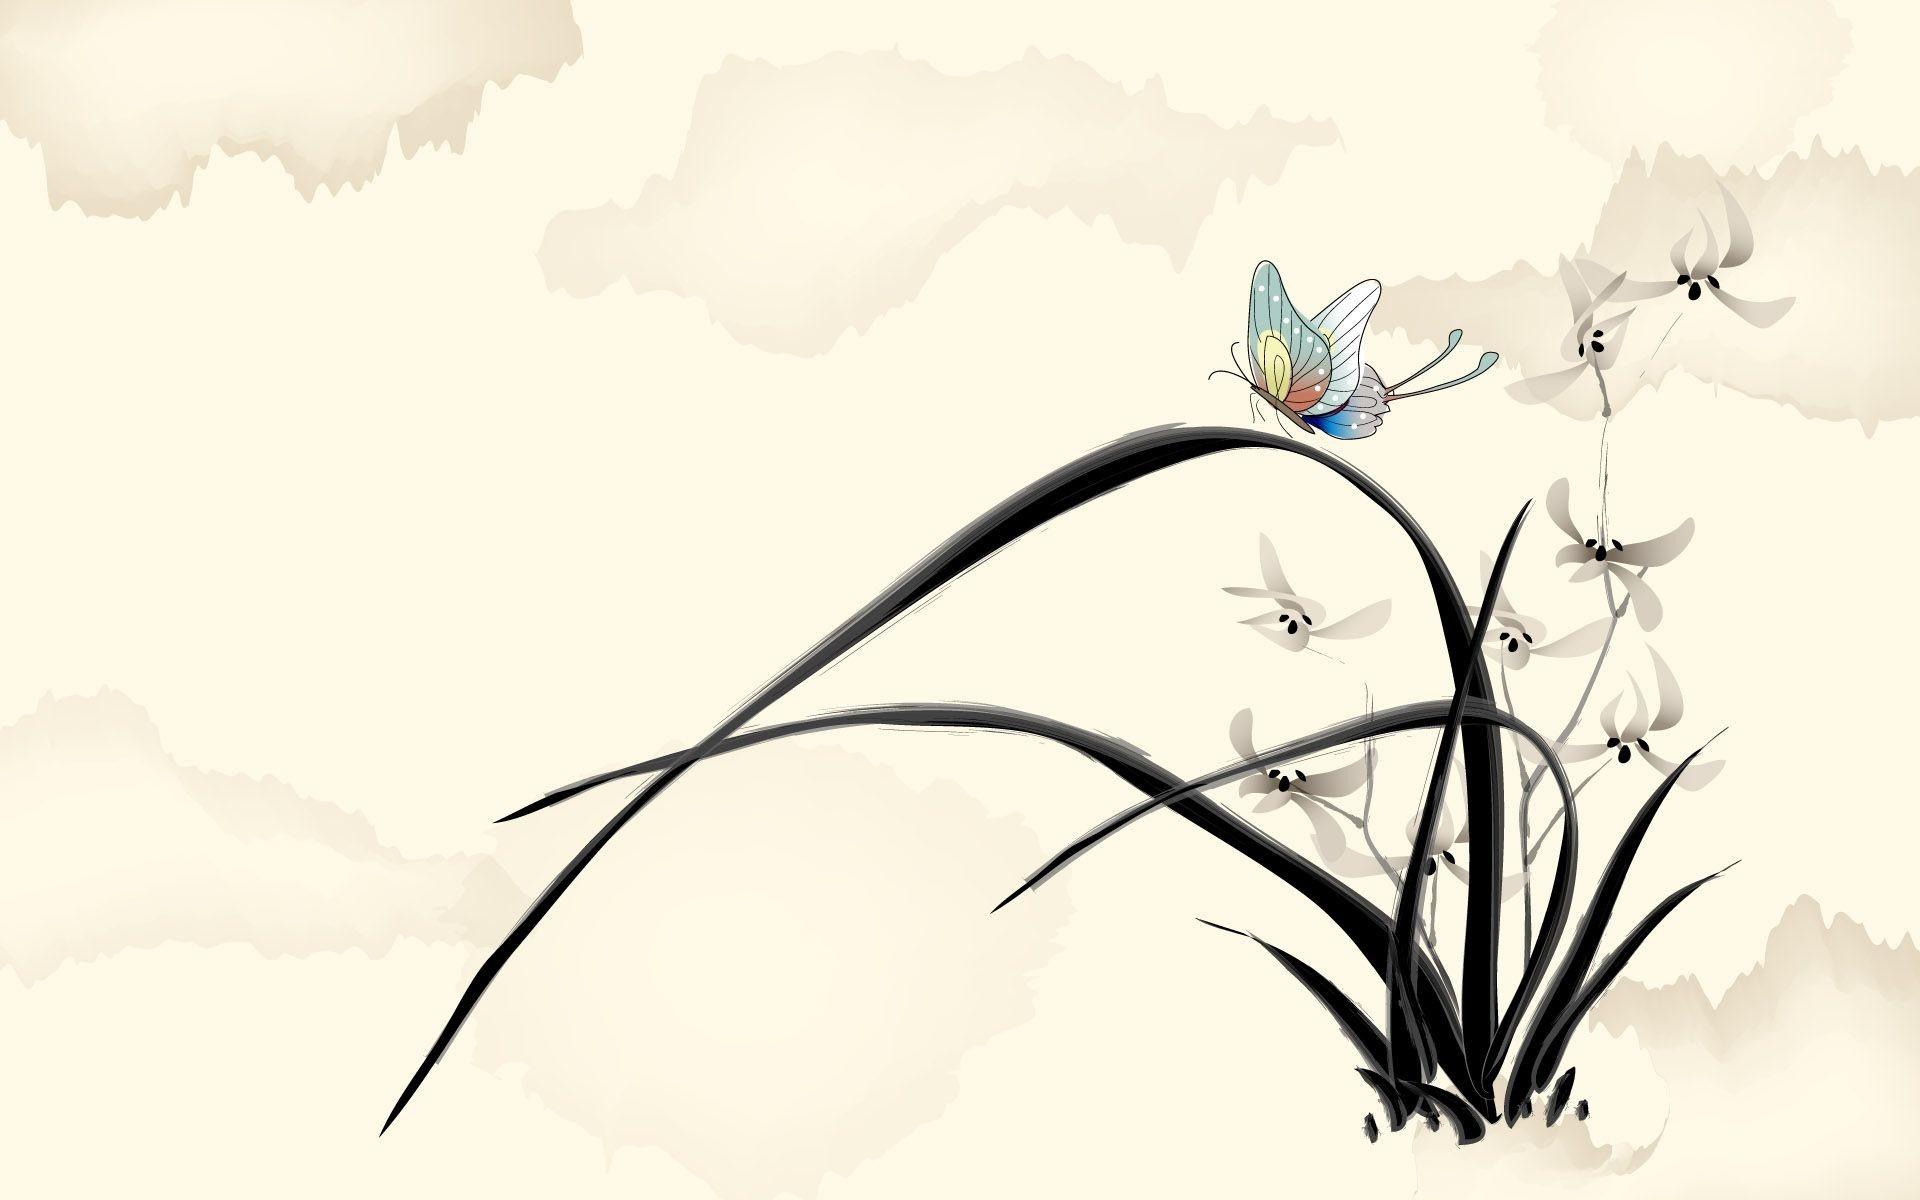 Обои для рабочего стола нарисованные бабочки